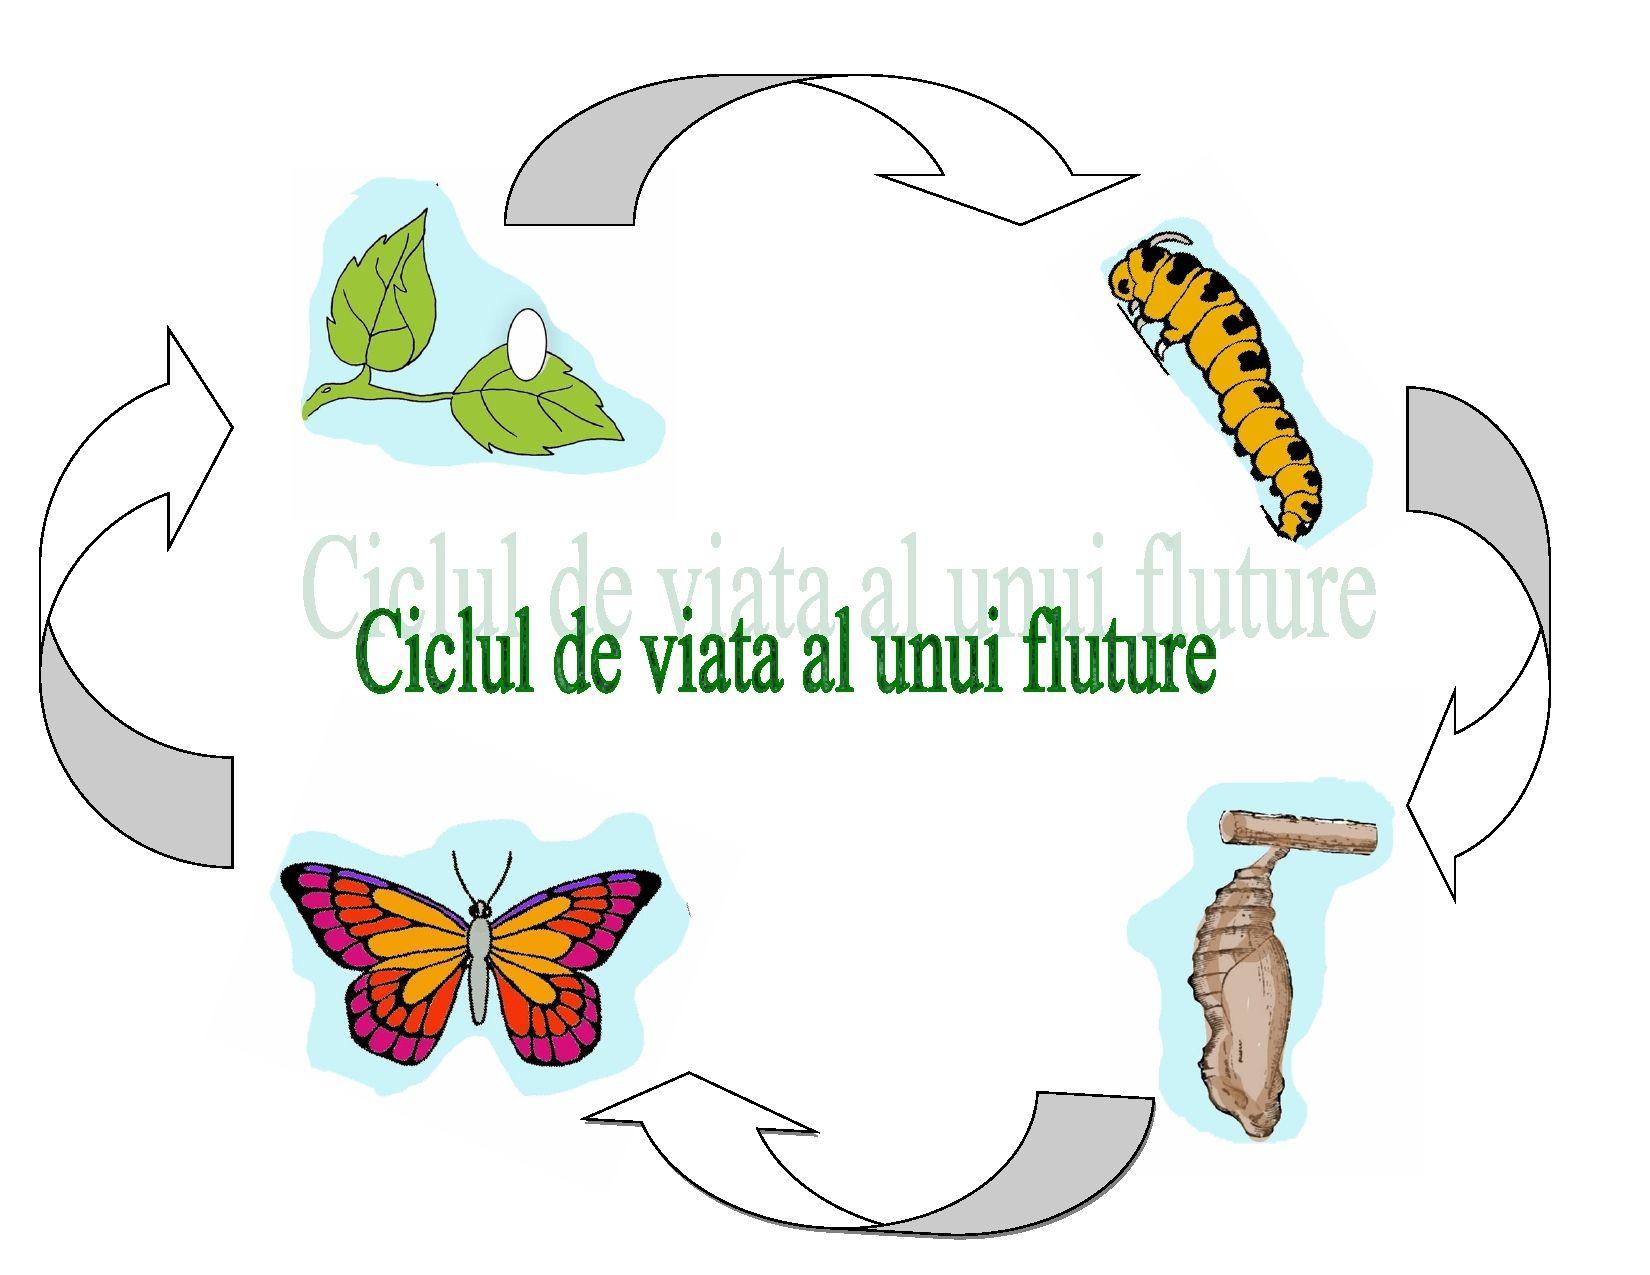 Ciclul de viață al fluturilor și lanțurilor Ciclul de viață al fluturilor și lanțurilor